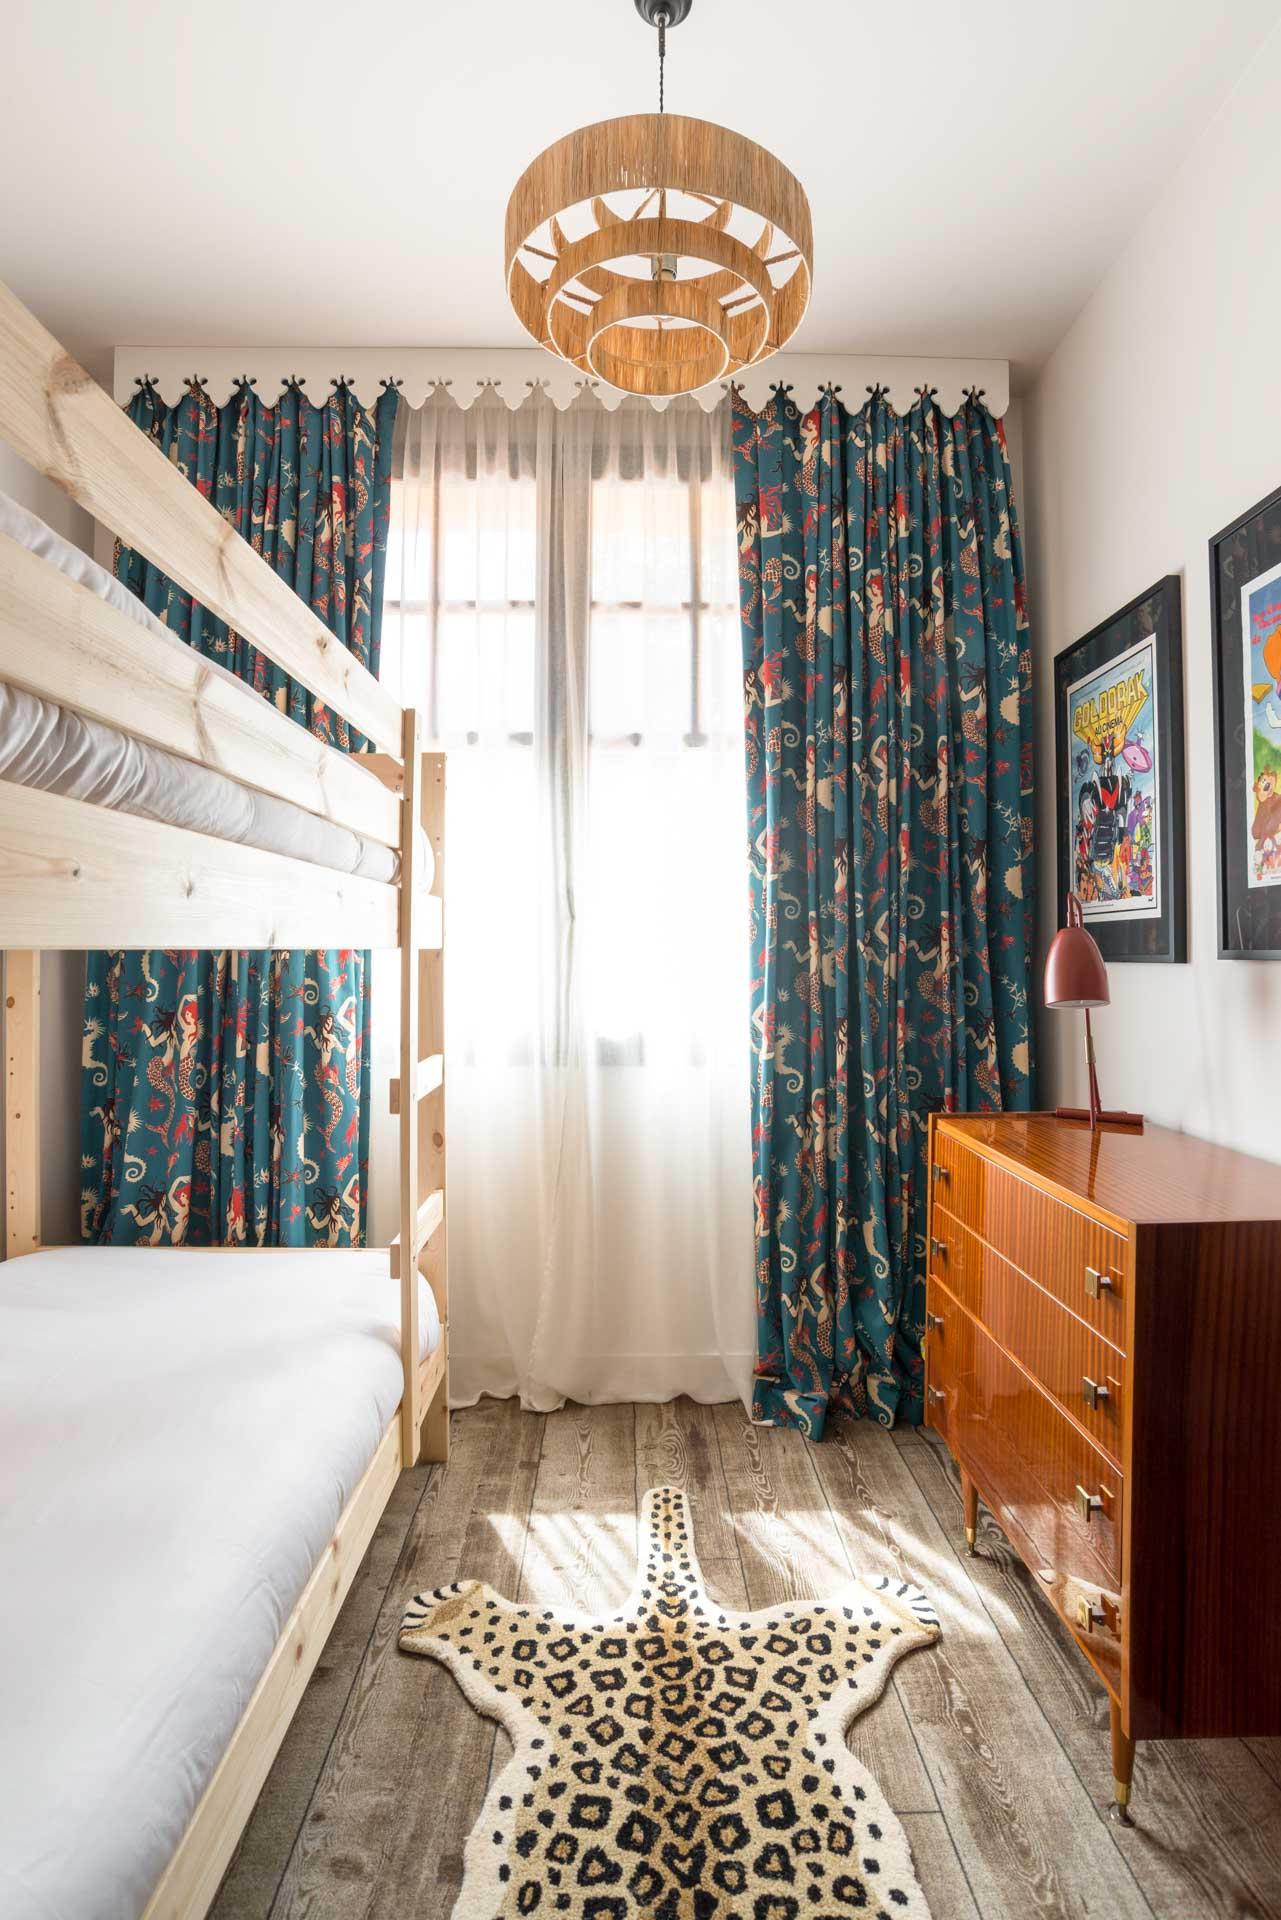 Photo : © Julien Fernandez - Hotel Restaurant La Guitoune au Pyla sur Mer - Gironde - France.